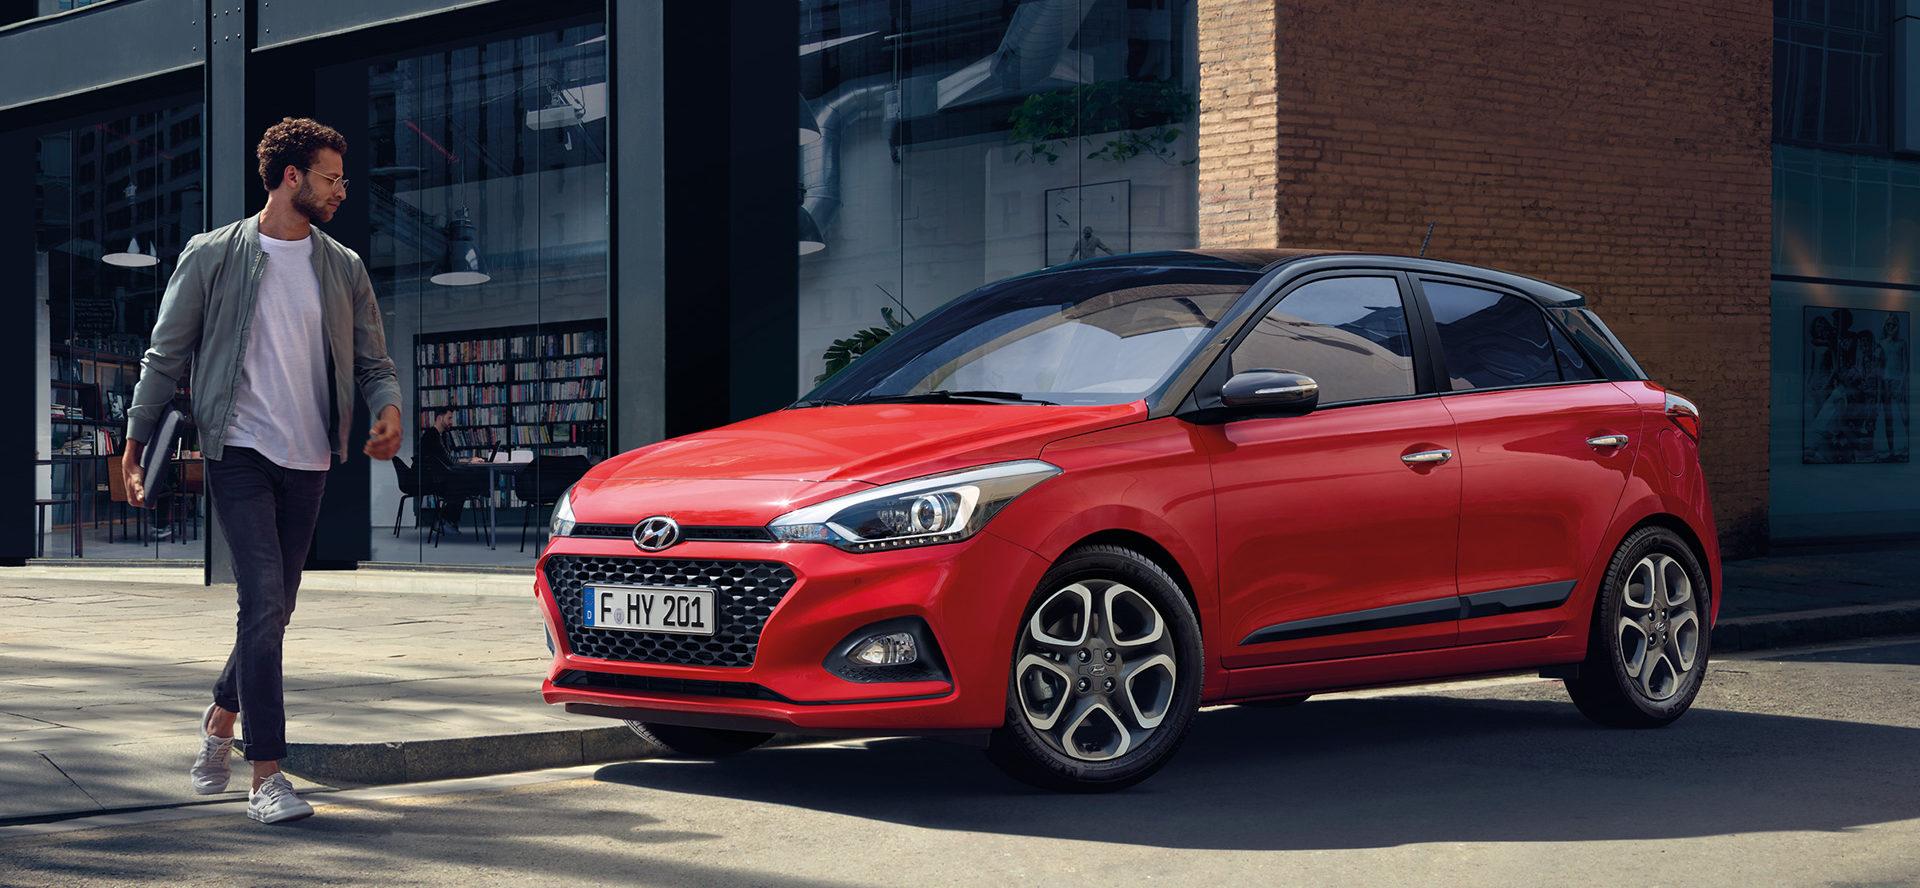 Hyundai i20 tua a 10.400€ con INCENTIVI ROTTAMAZIONE